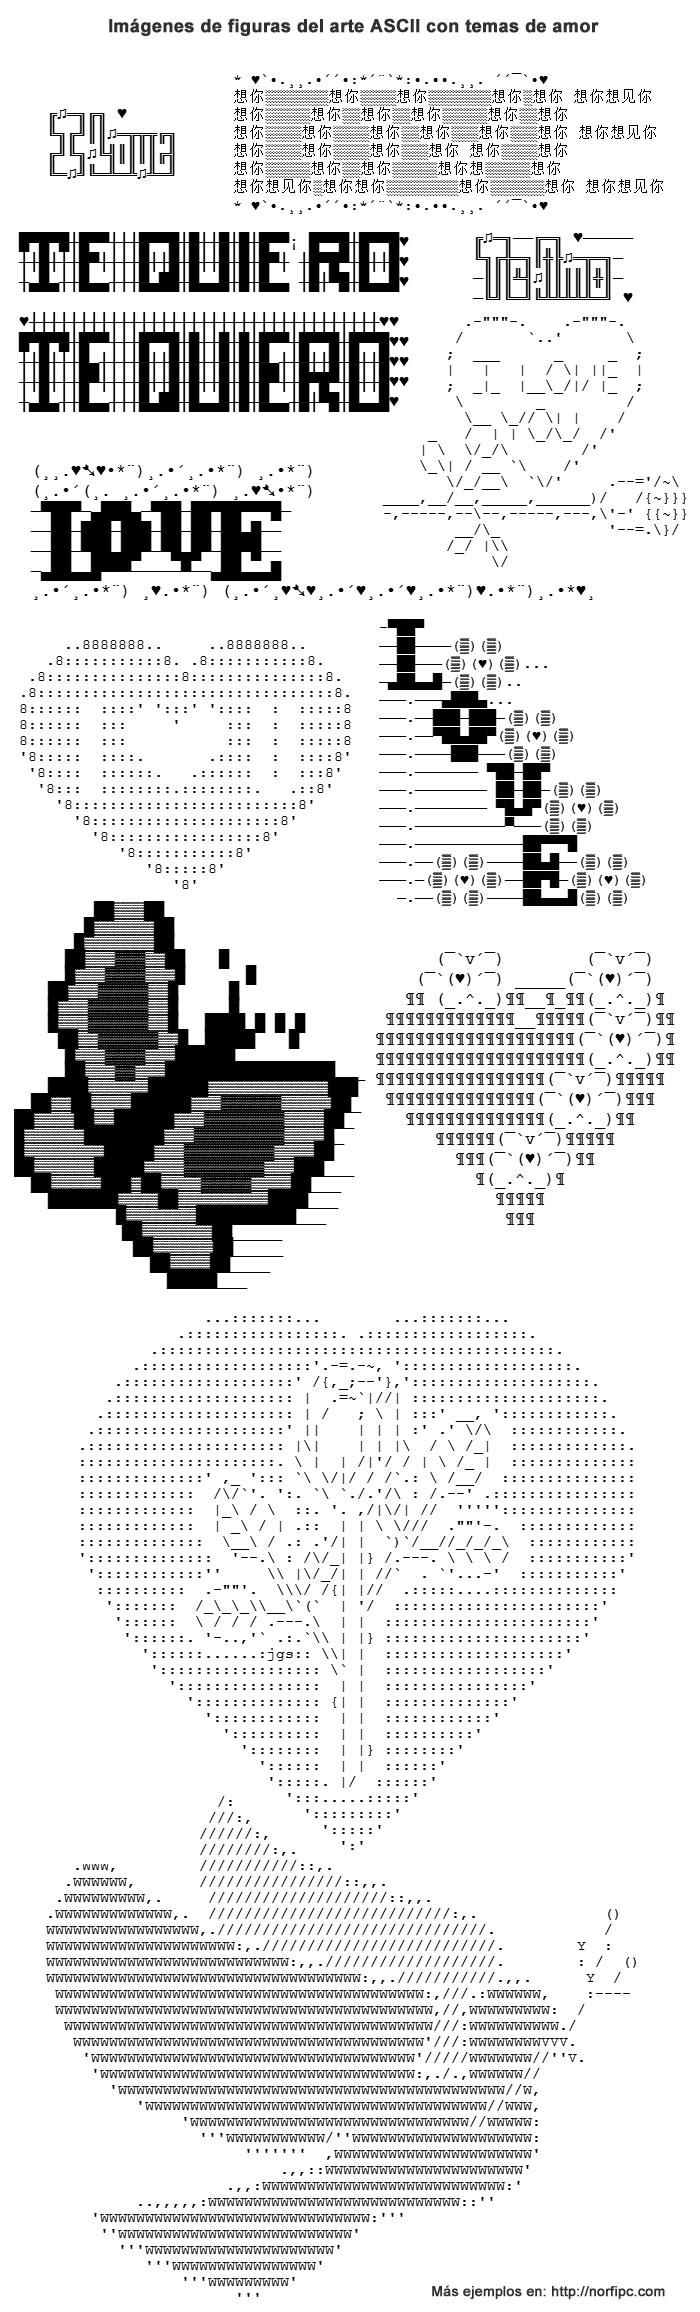 Como hacer dibujos y figuras del arte ASCII para usar en Facebook